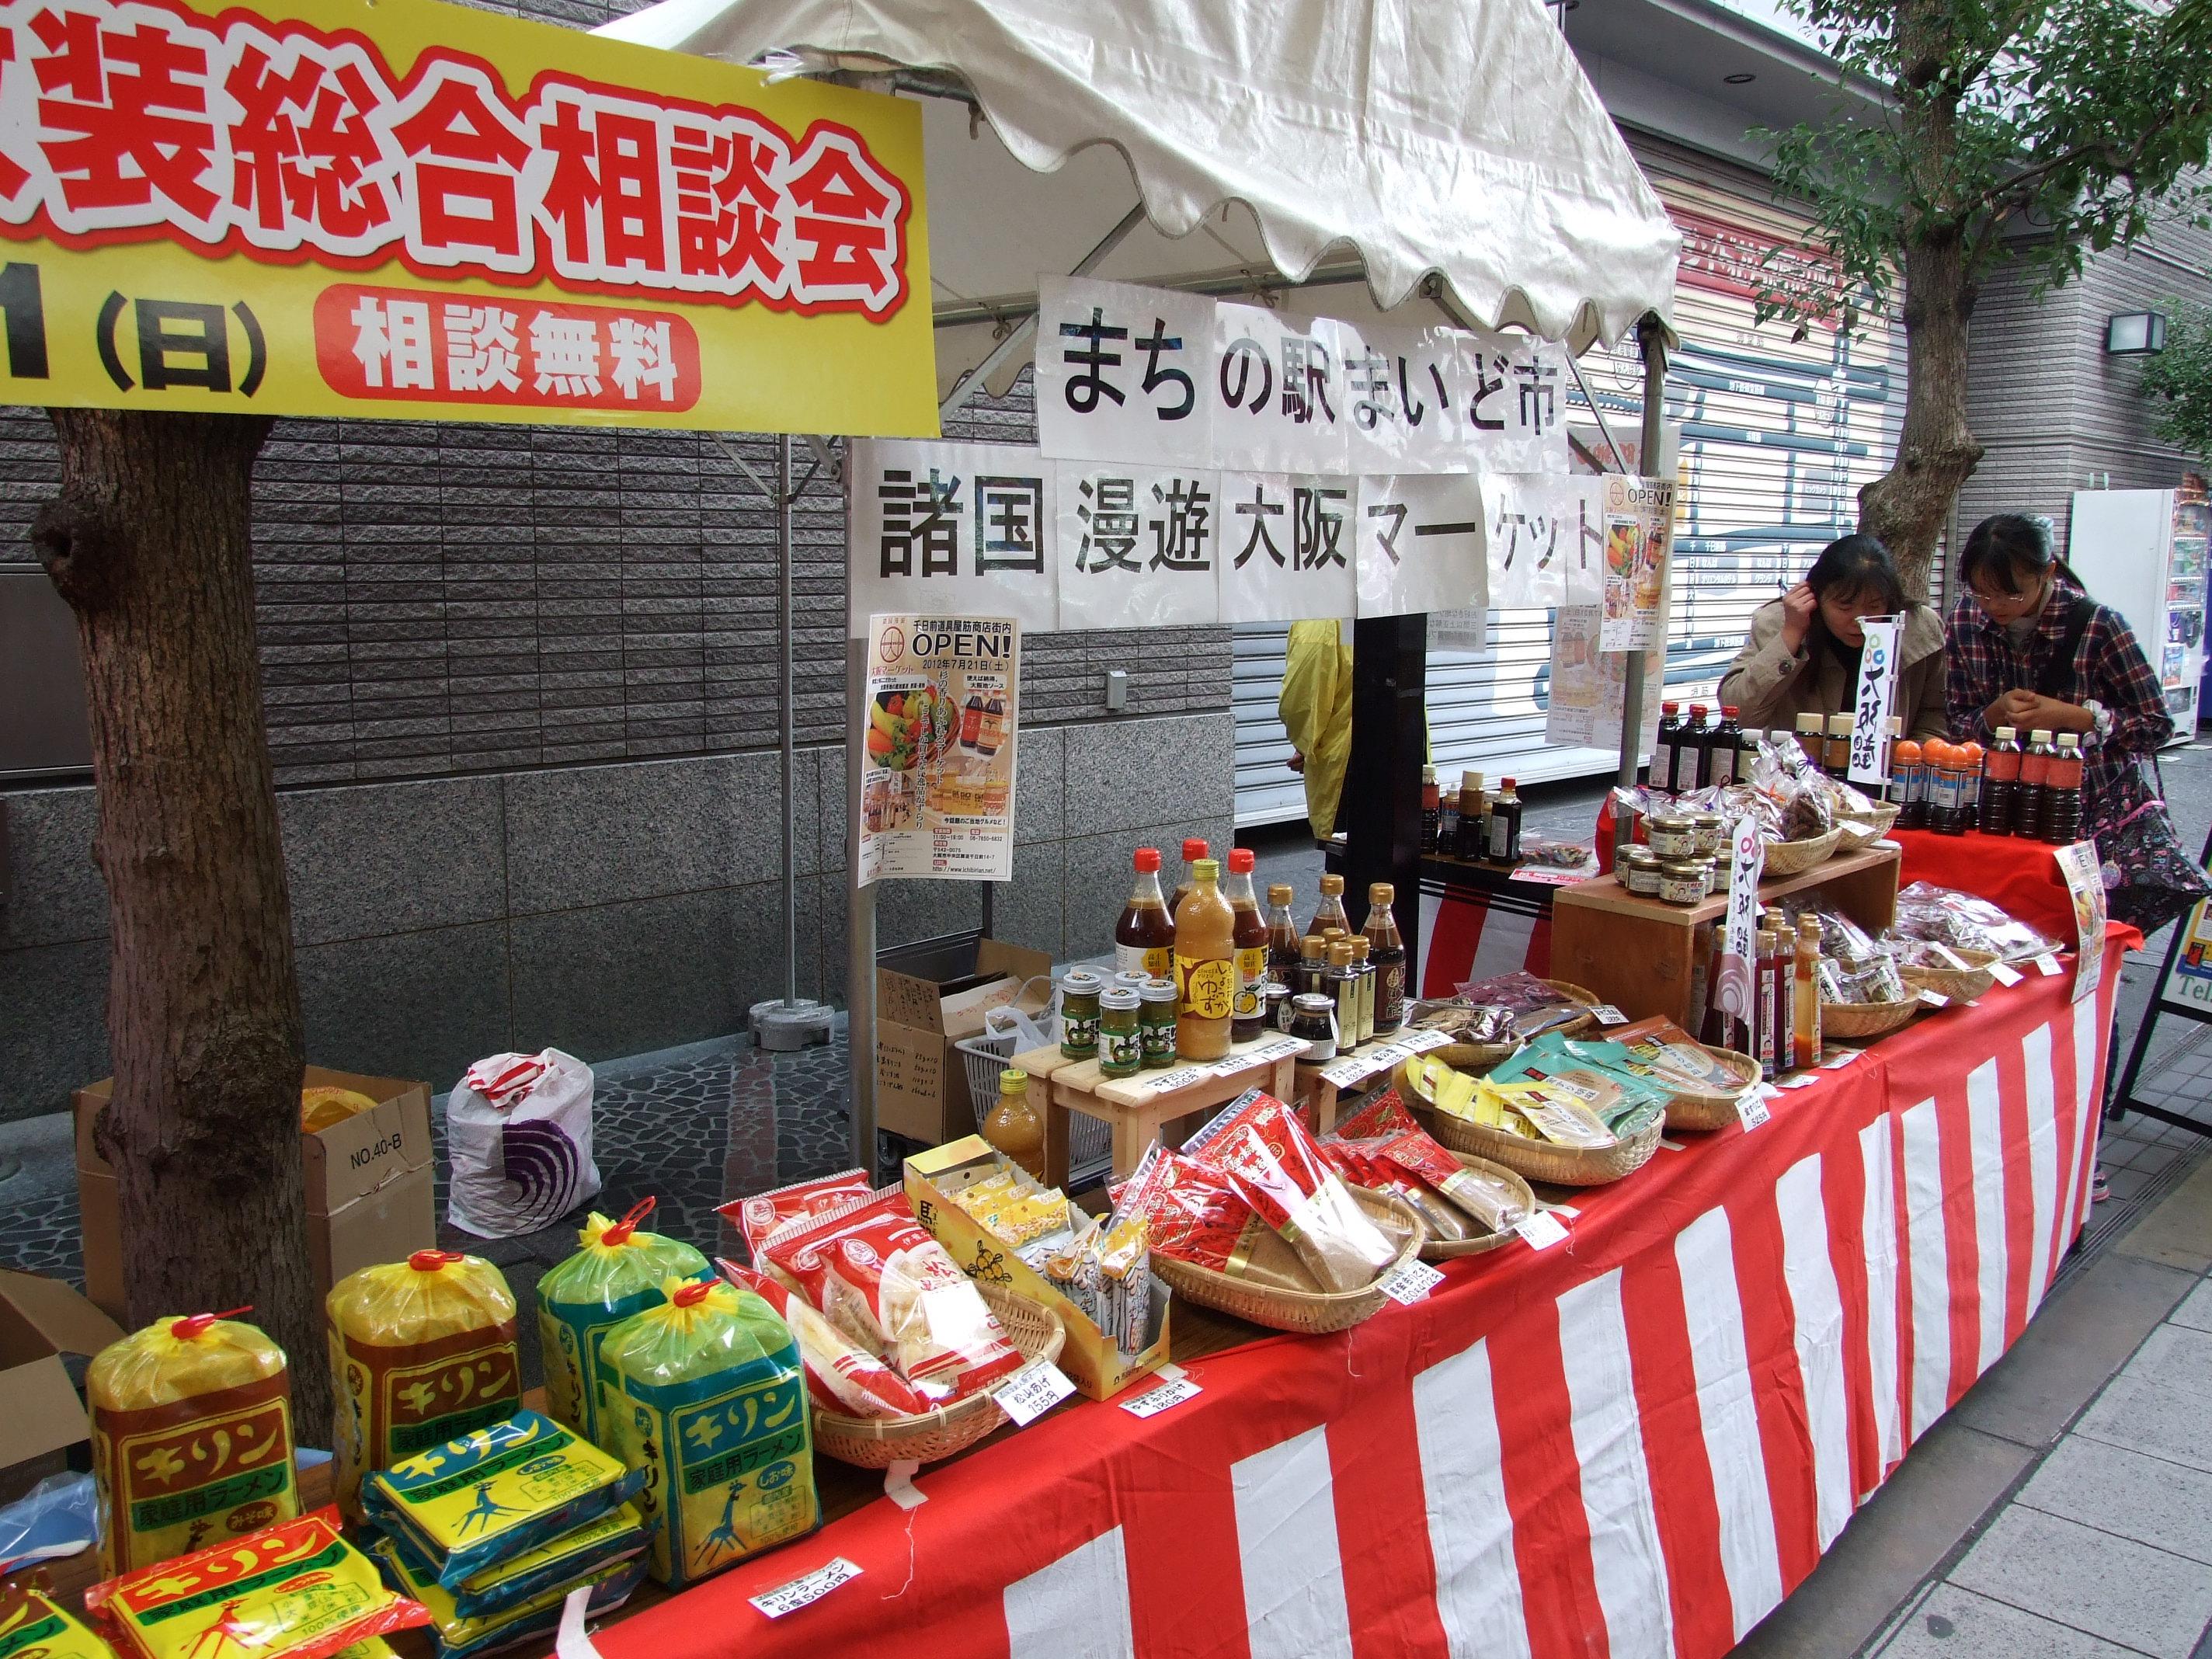 大阪の逸品販売